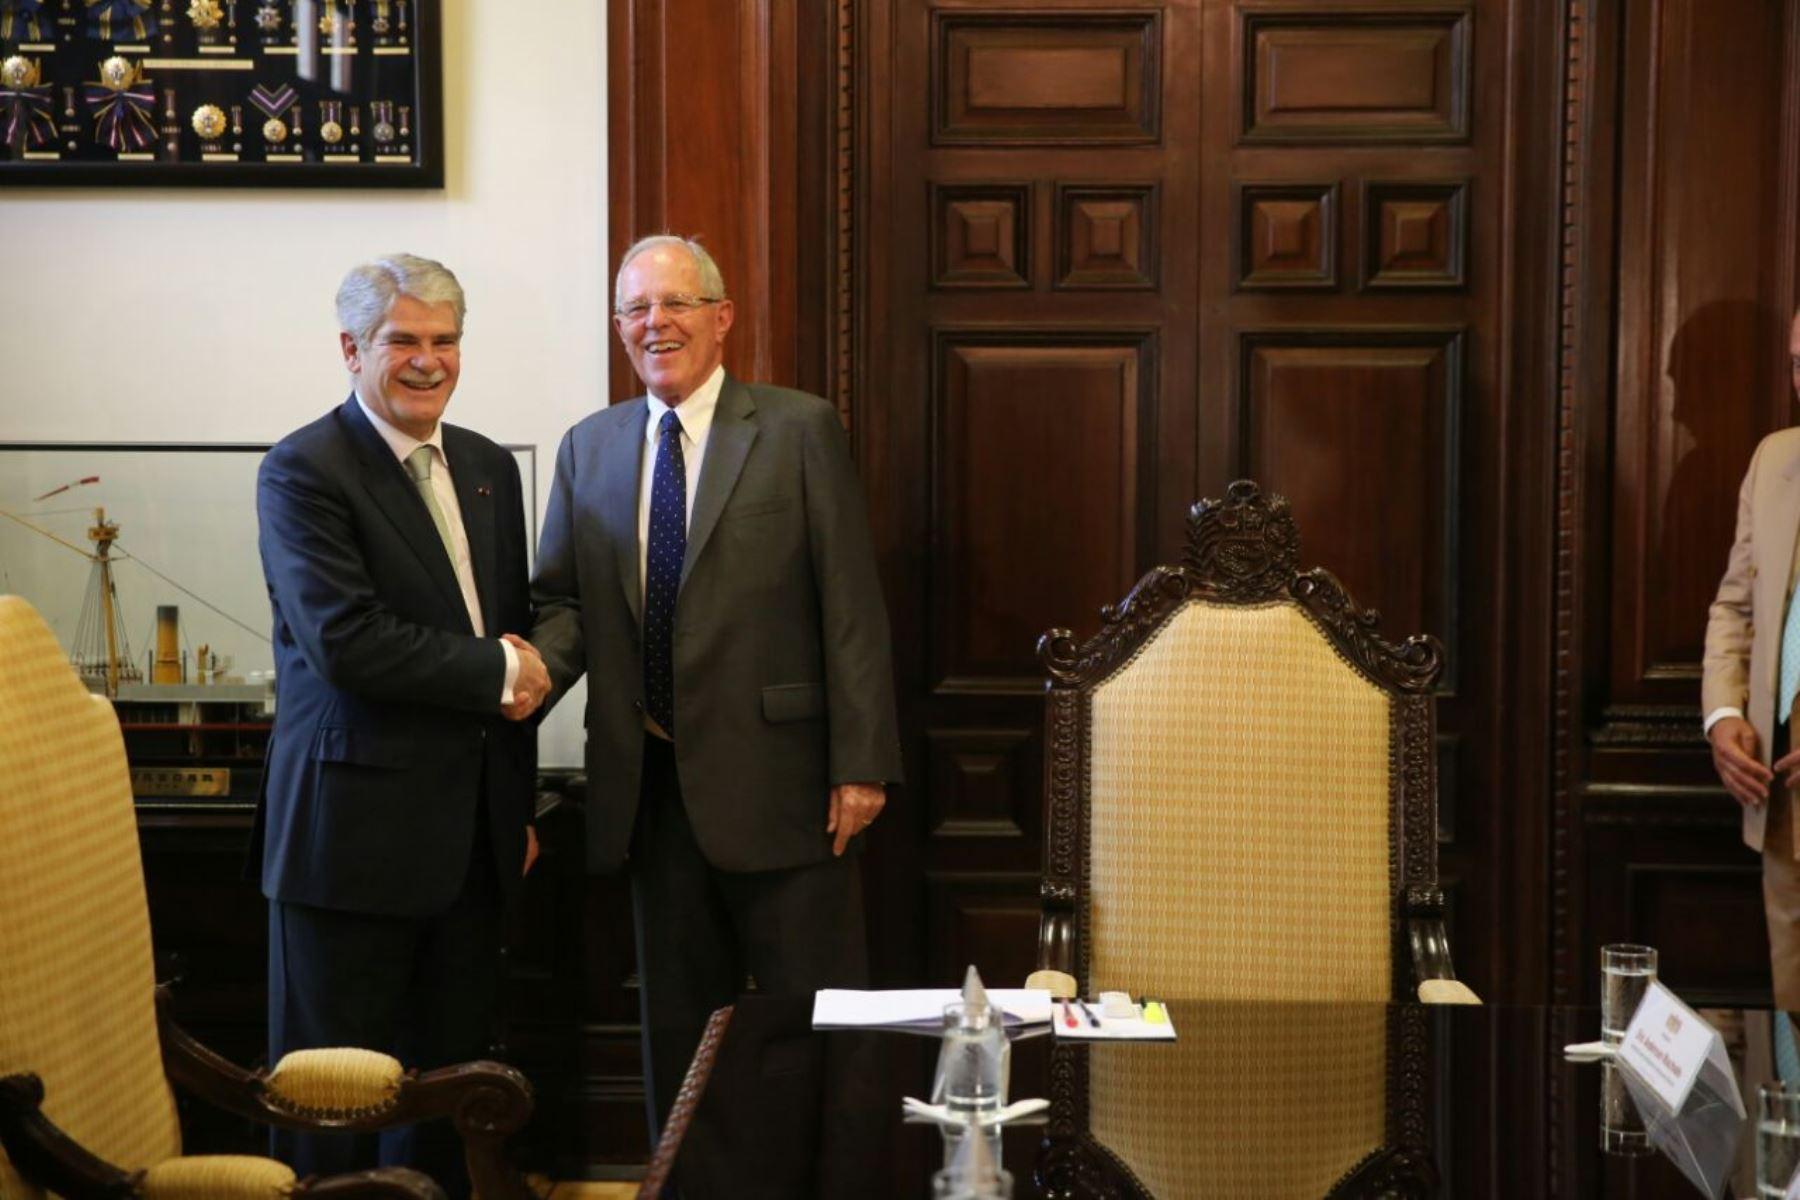 Presidente kuczynski recibi a ministro de asuntos for Exteriores espana